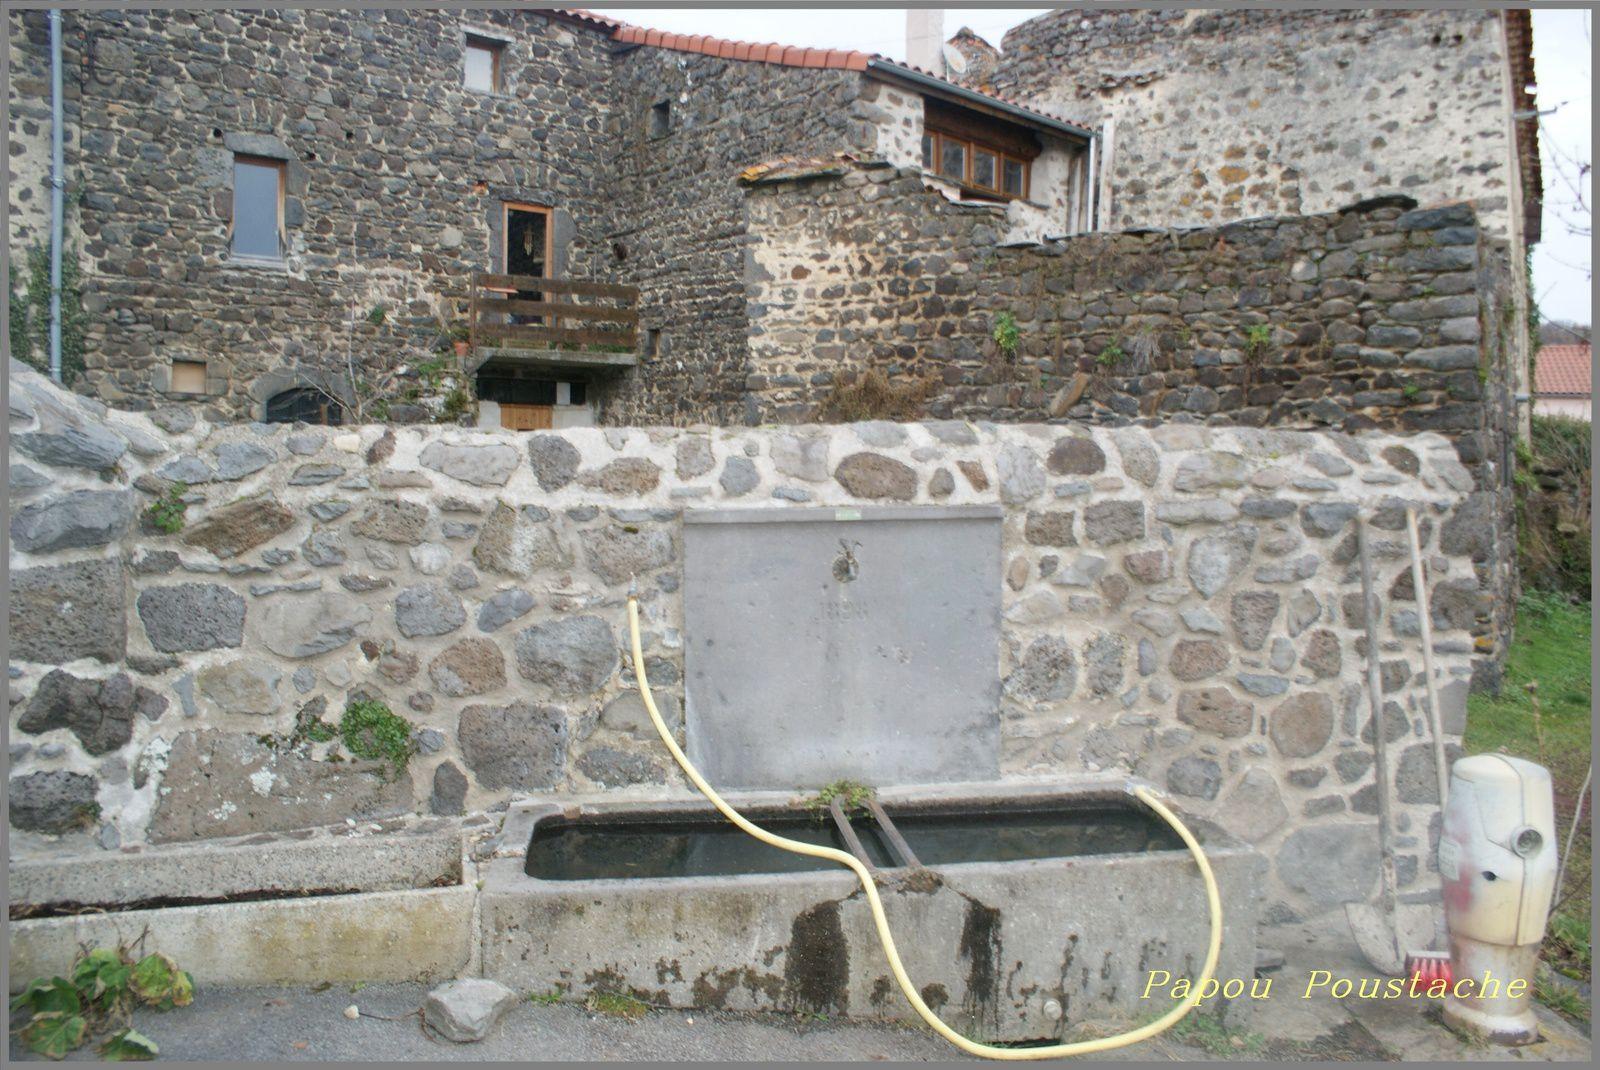 Les villages du Puy de Dome: Ternant les Eaux